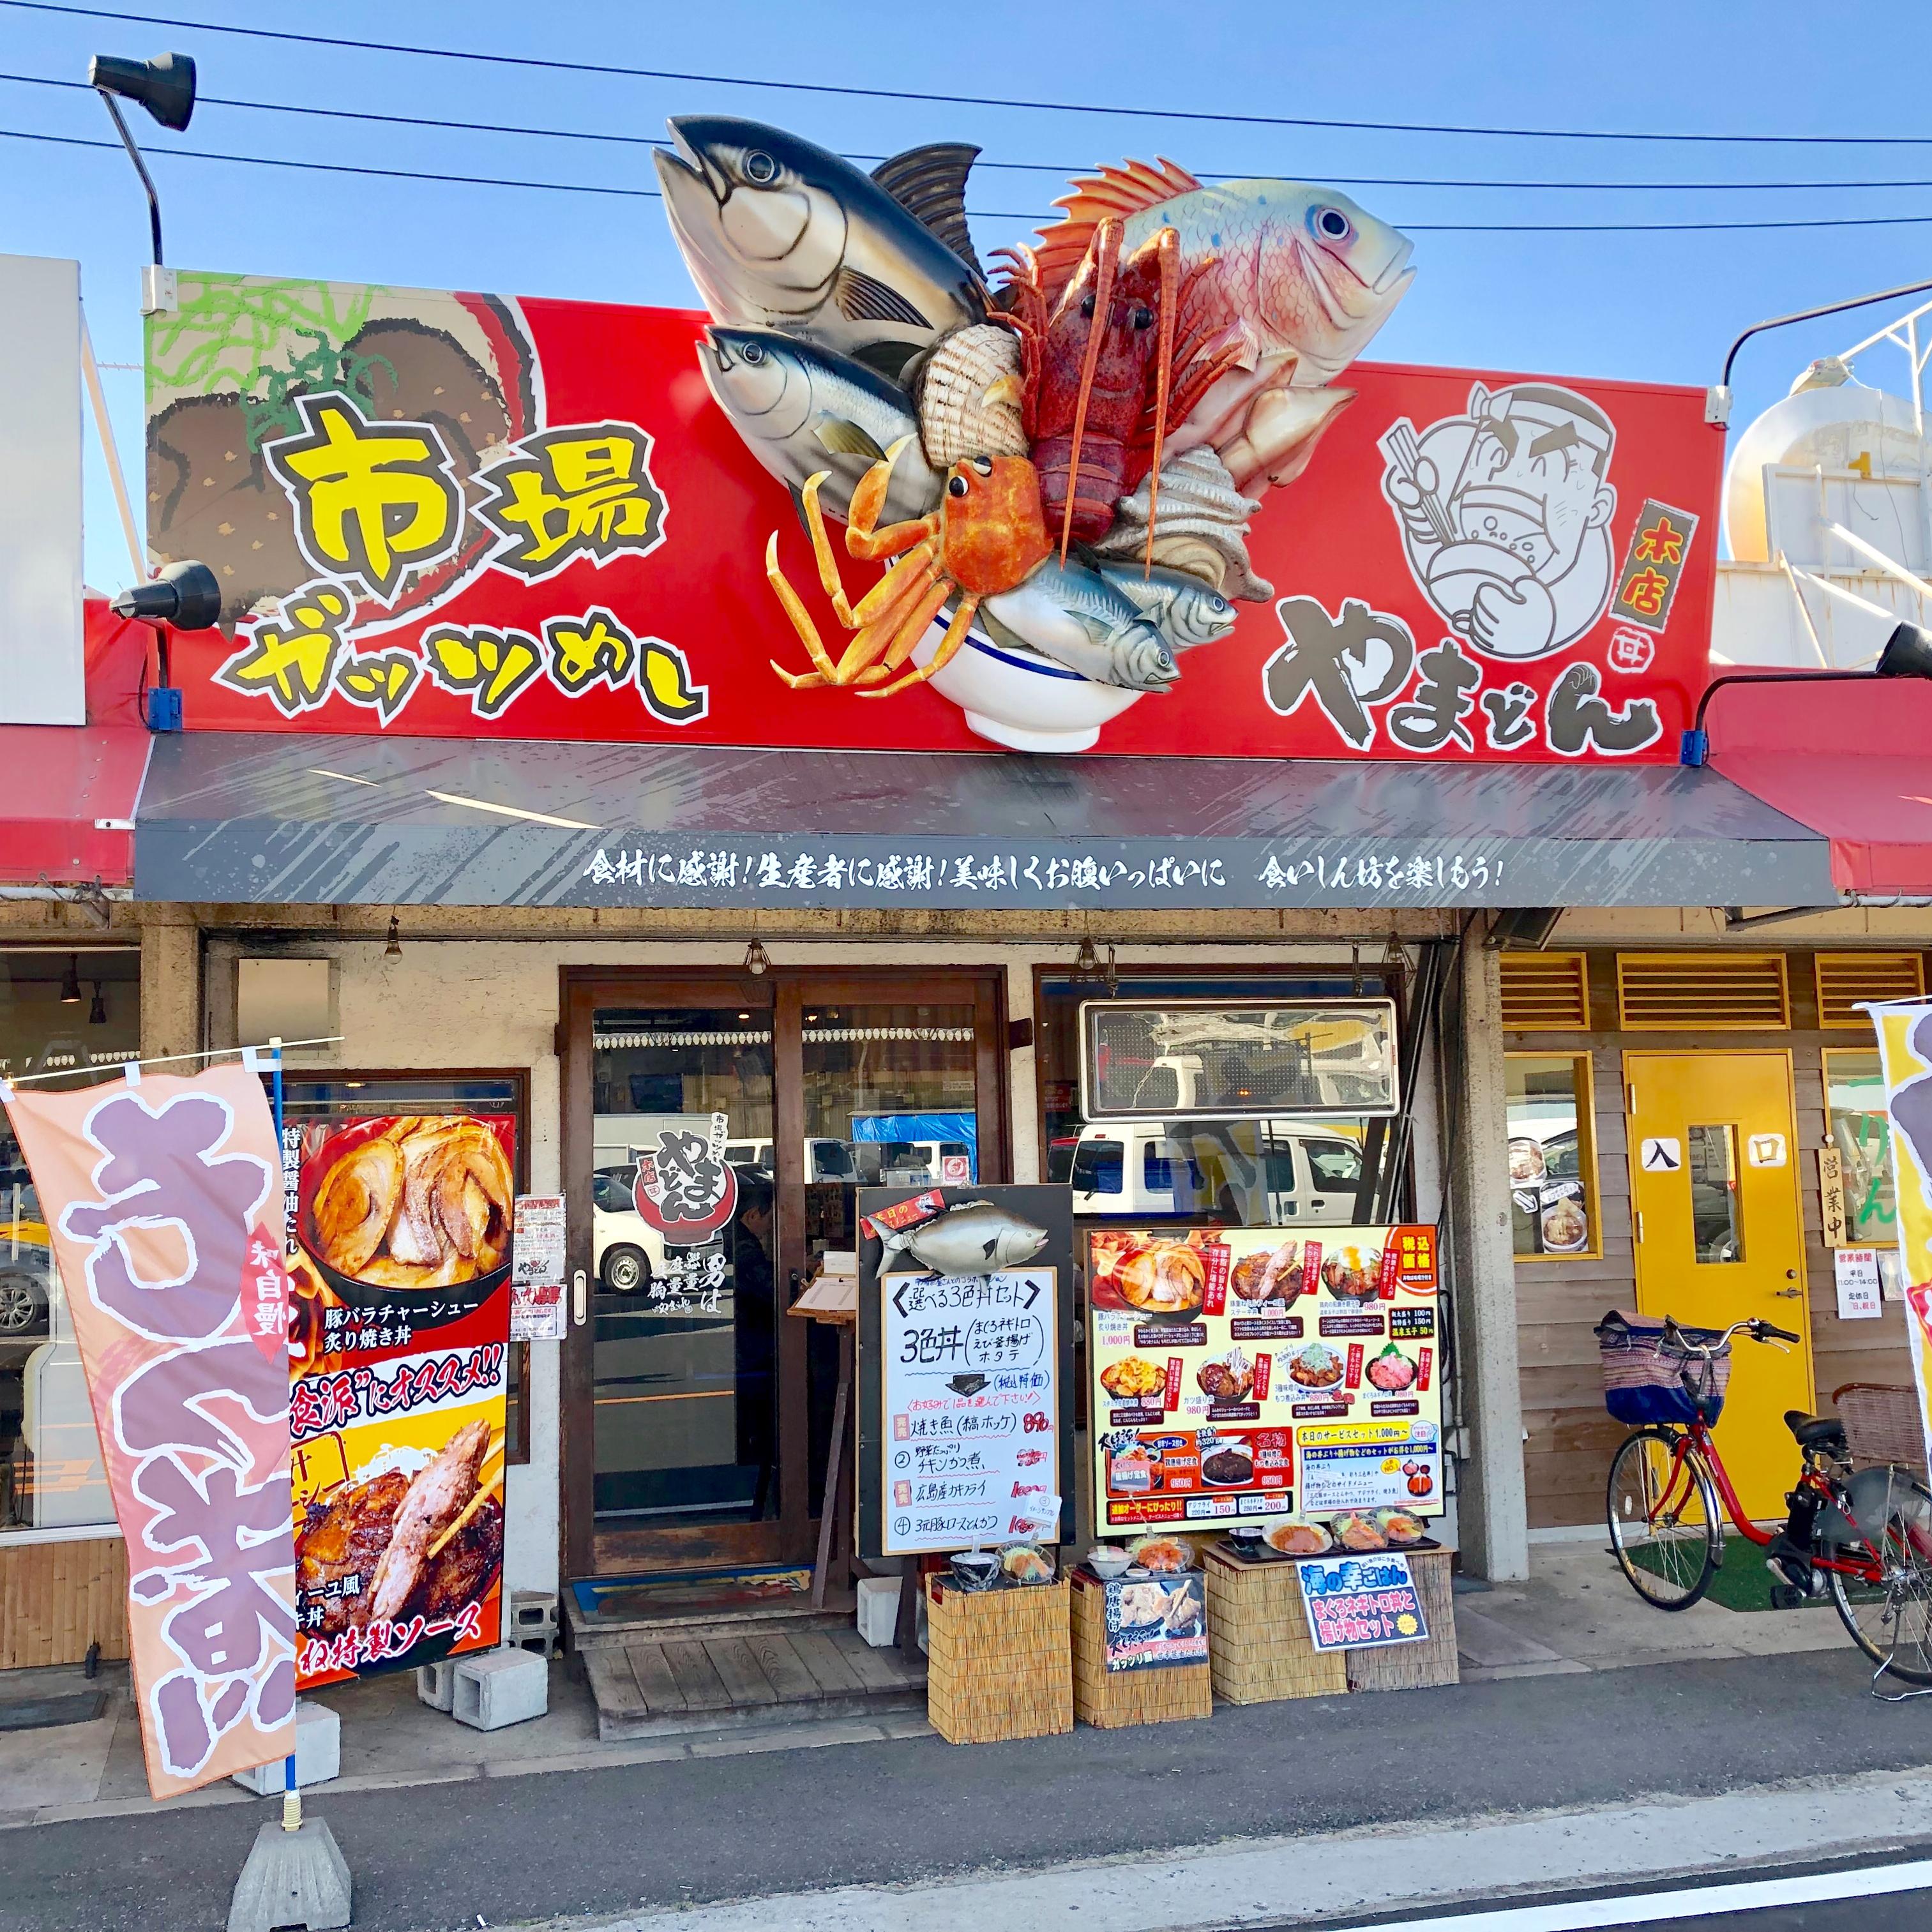 大宮市場・やまどん|大盛り肉丼が看板メニューのお店でサービスセットを味わう